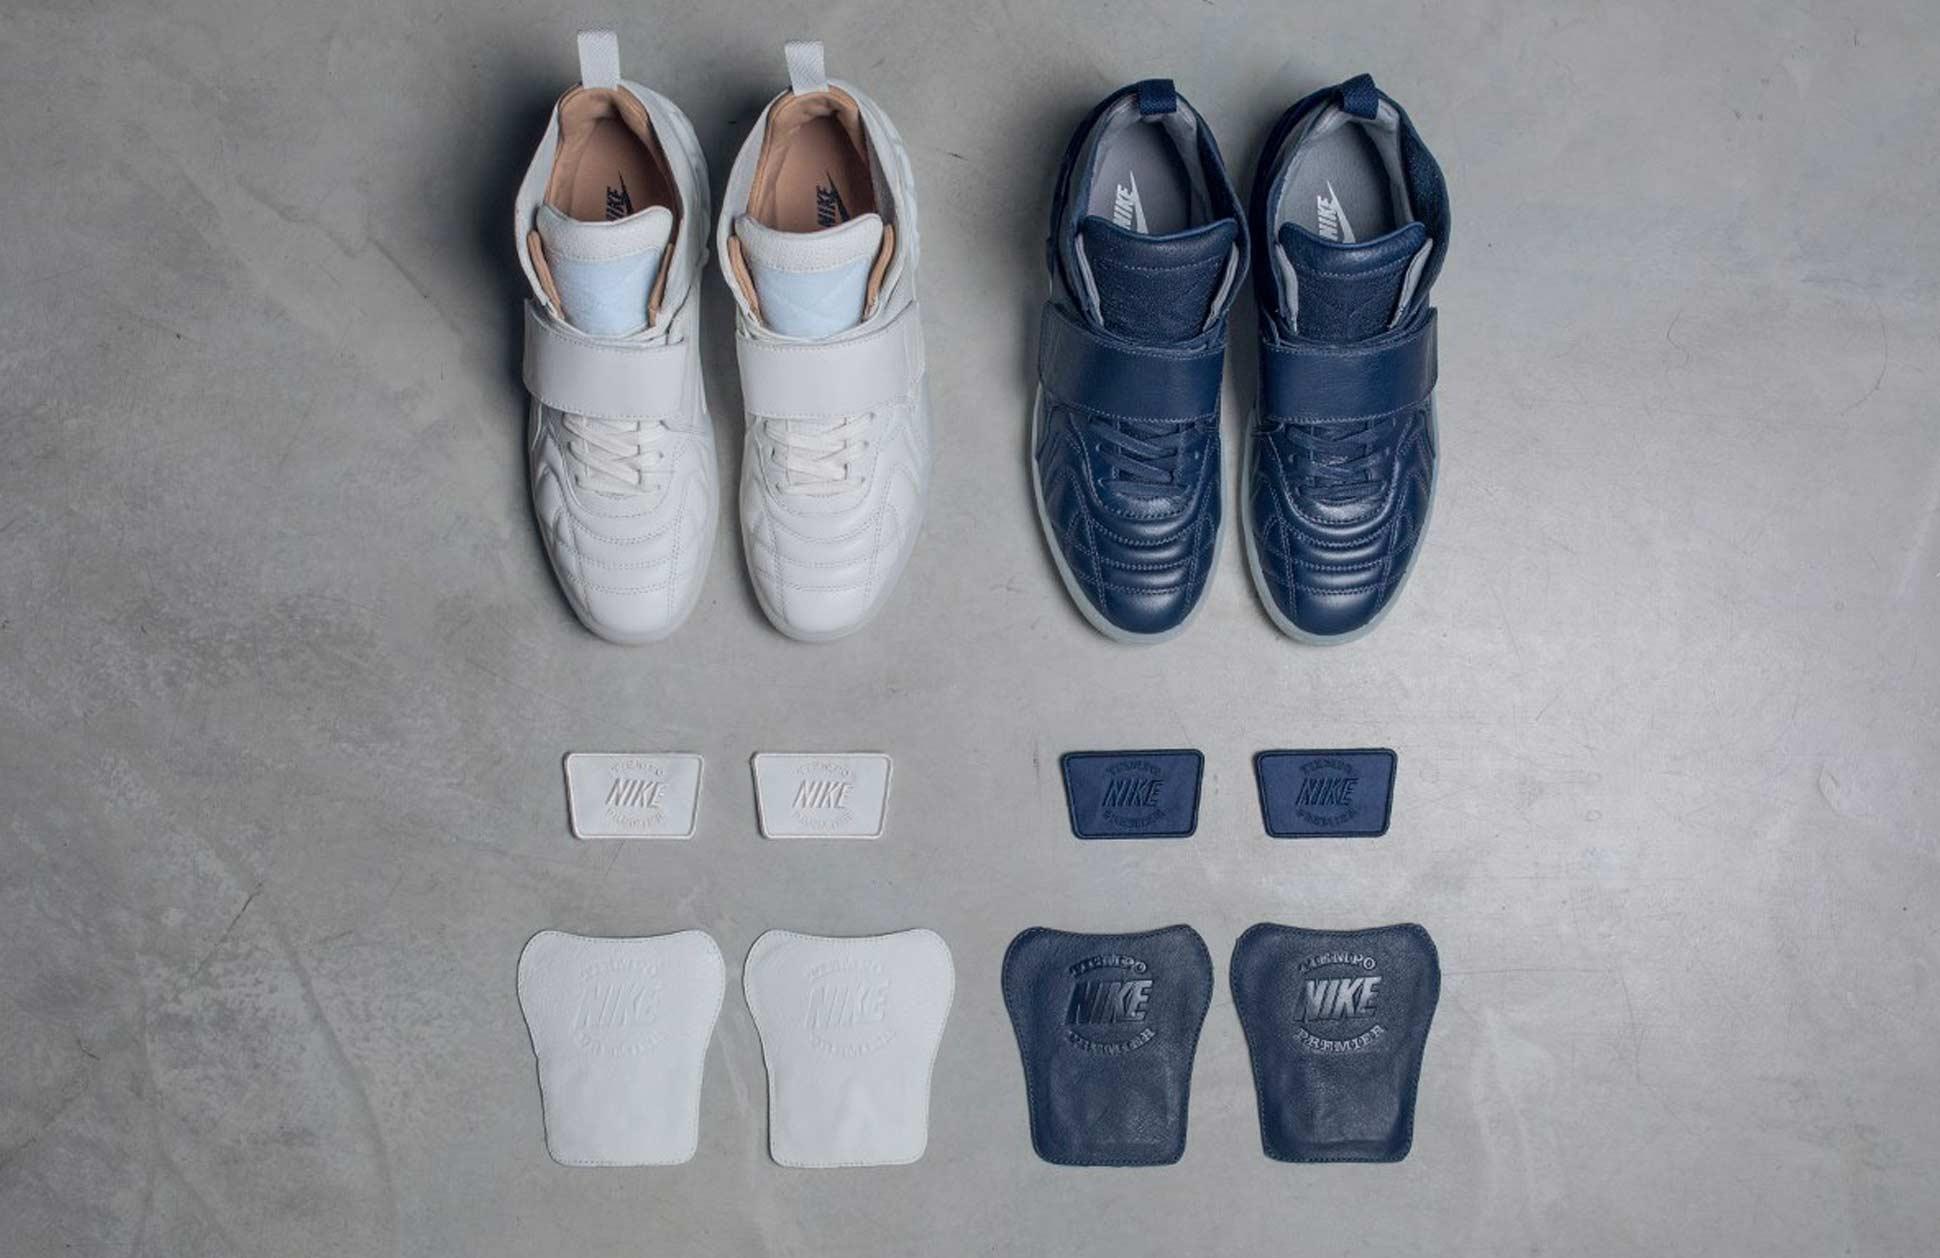 reputable site fa825 f781e NikeLab Tiempo Vetta White   Blue Colourways - SoccerBible.